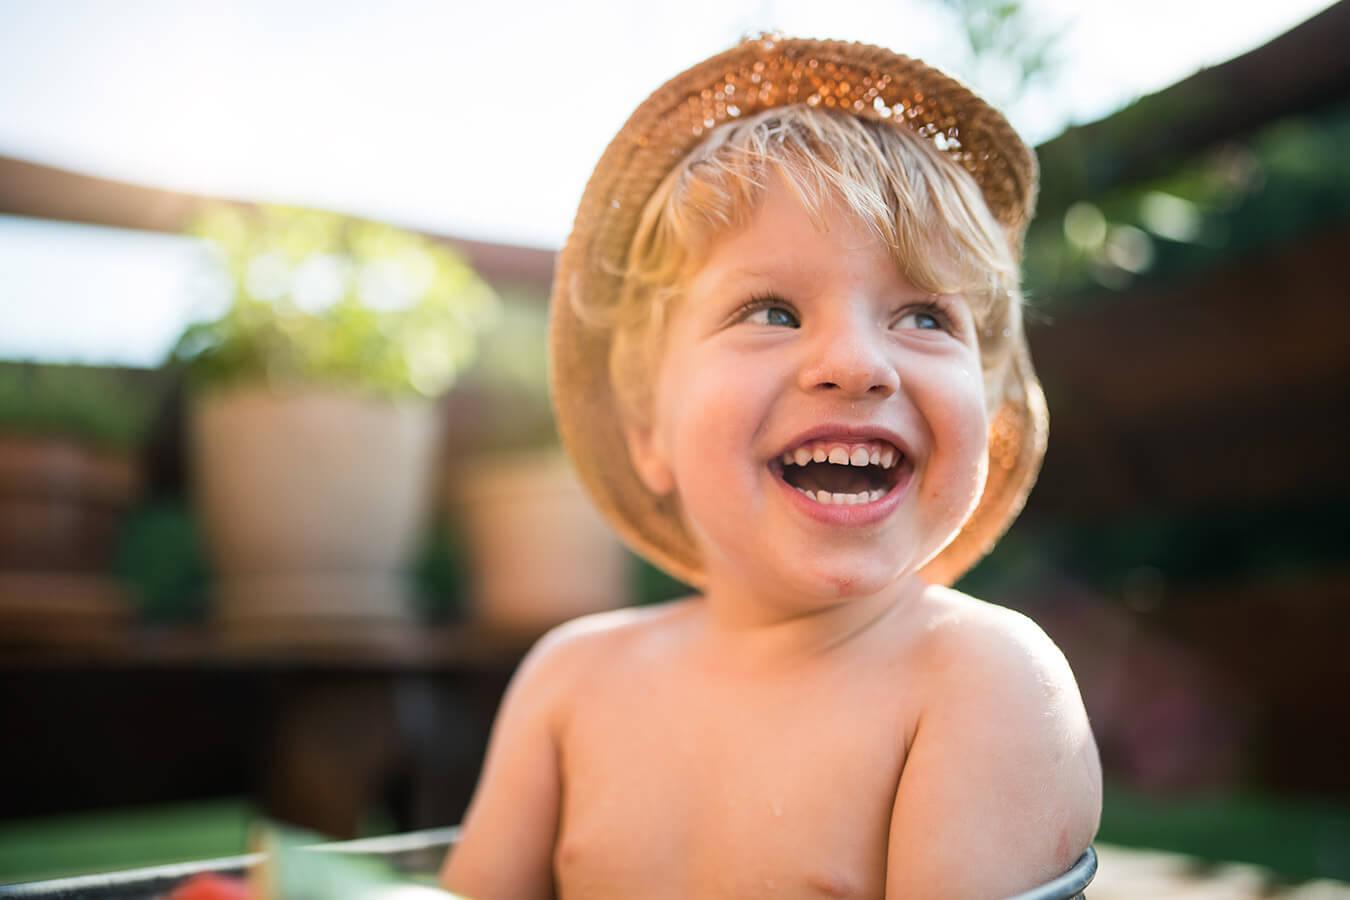 Powiększone sutki u chłopców – przyczyny, objawy, leczenie